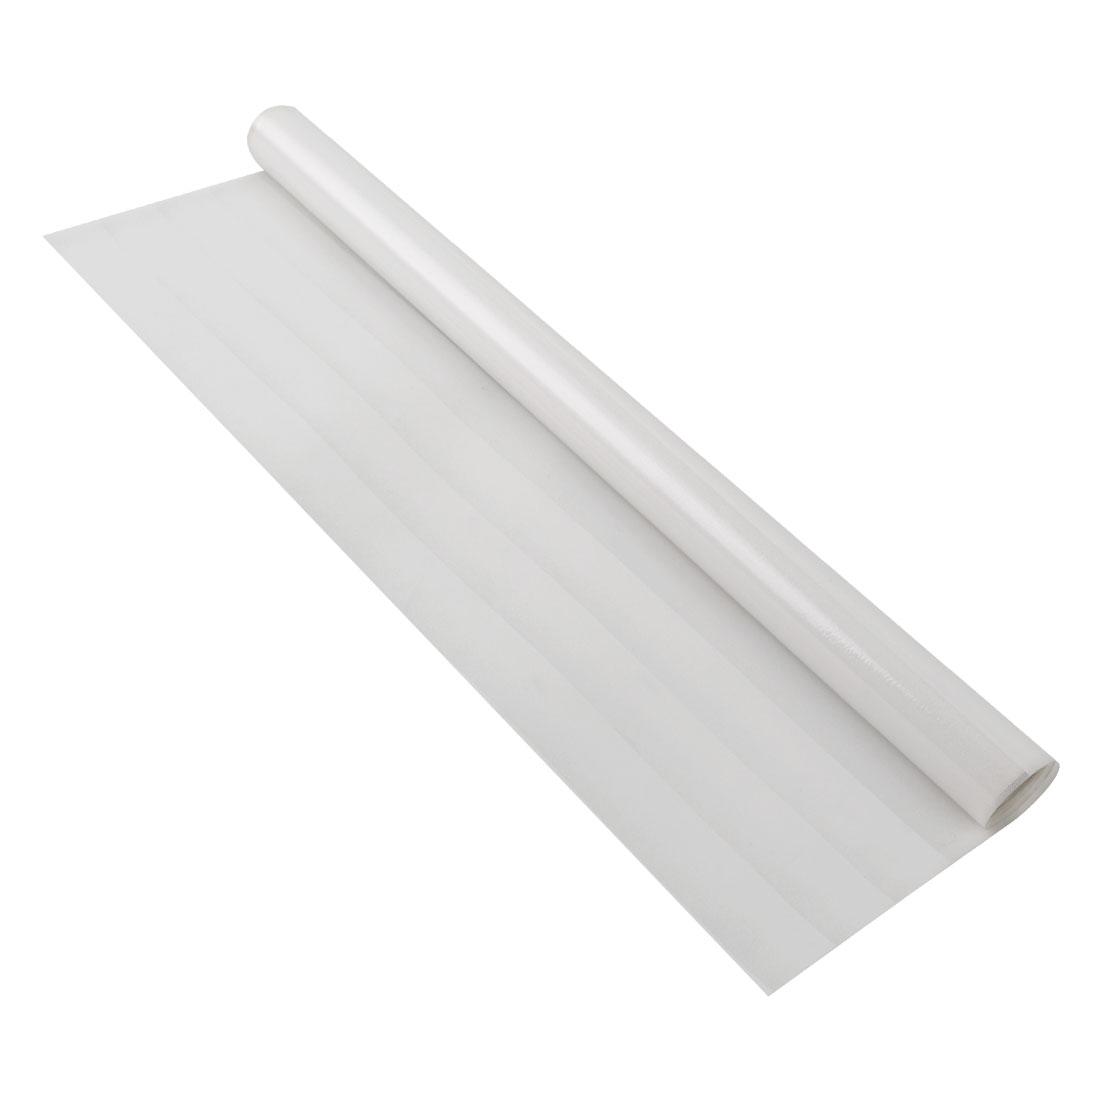 Self-sticky Home PVC Waterproof Anti UV Glass Window Film Sticker 11.8x78.7inch